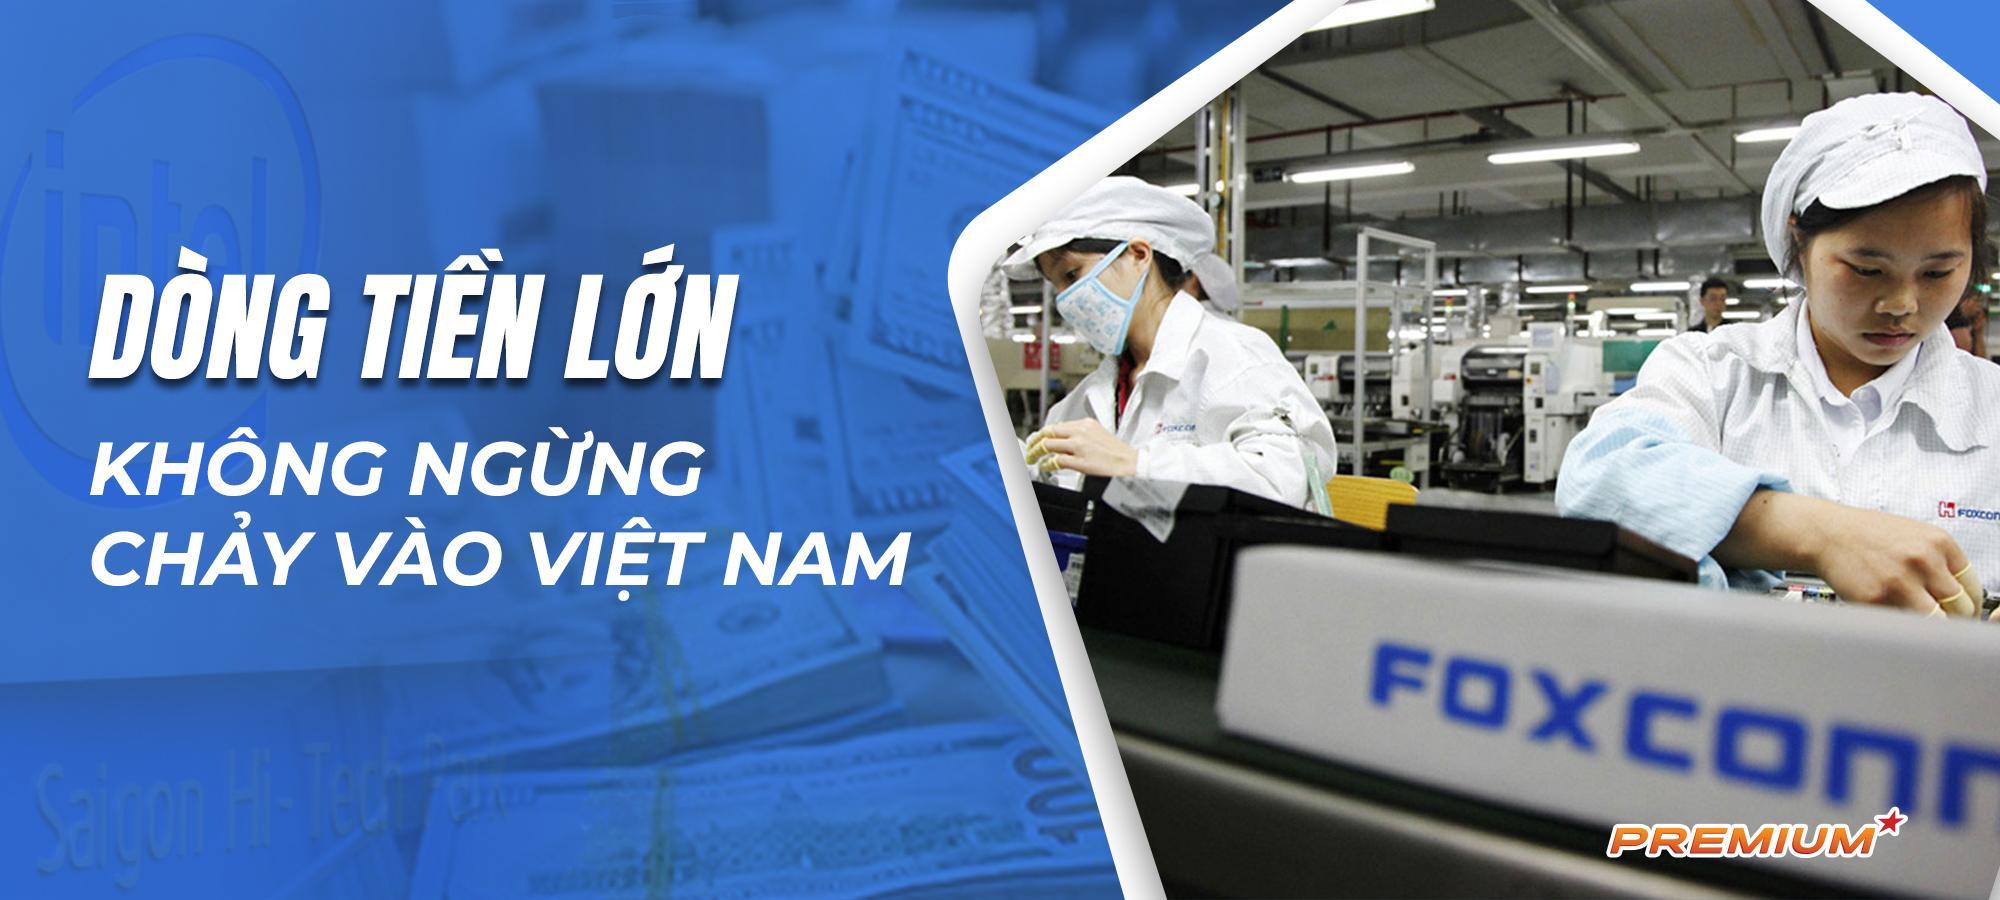 Dòng tiền lớn không ngừng chảy vào Việt Nam